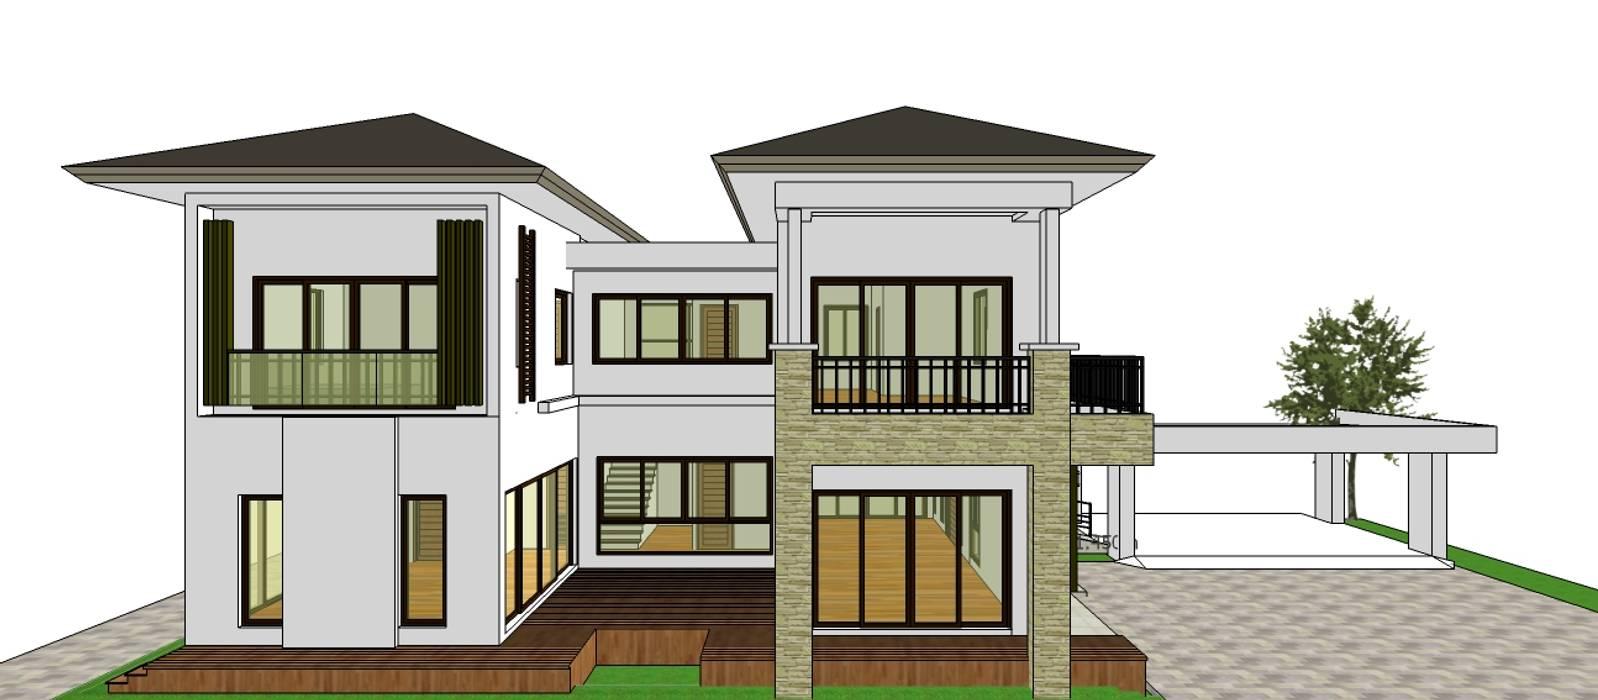 ผลงานออกแบบบ้านอาศัย 2 ชั้น Contemporary Style by KL-Cons.:  บ้านและที่อยู่อาศัย by บริษัท เค.แอล.คอนสตรัคชั่น แอนด์ ซัพพลาย จำกัด